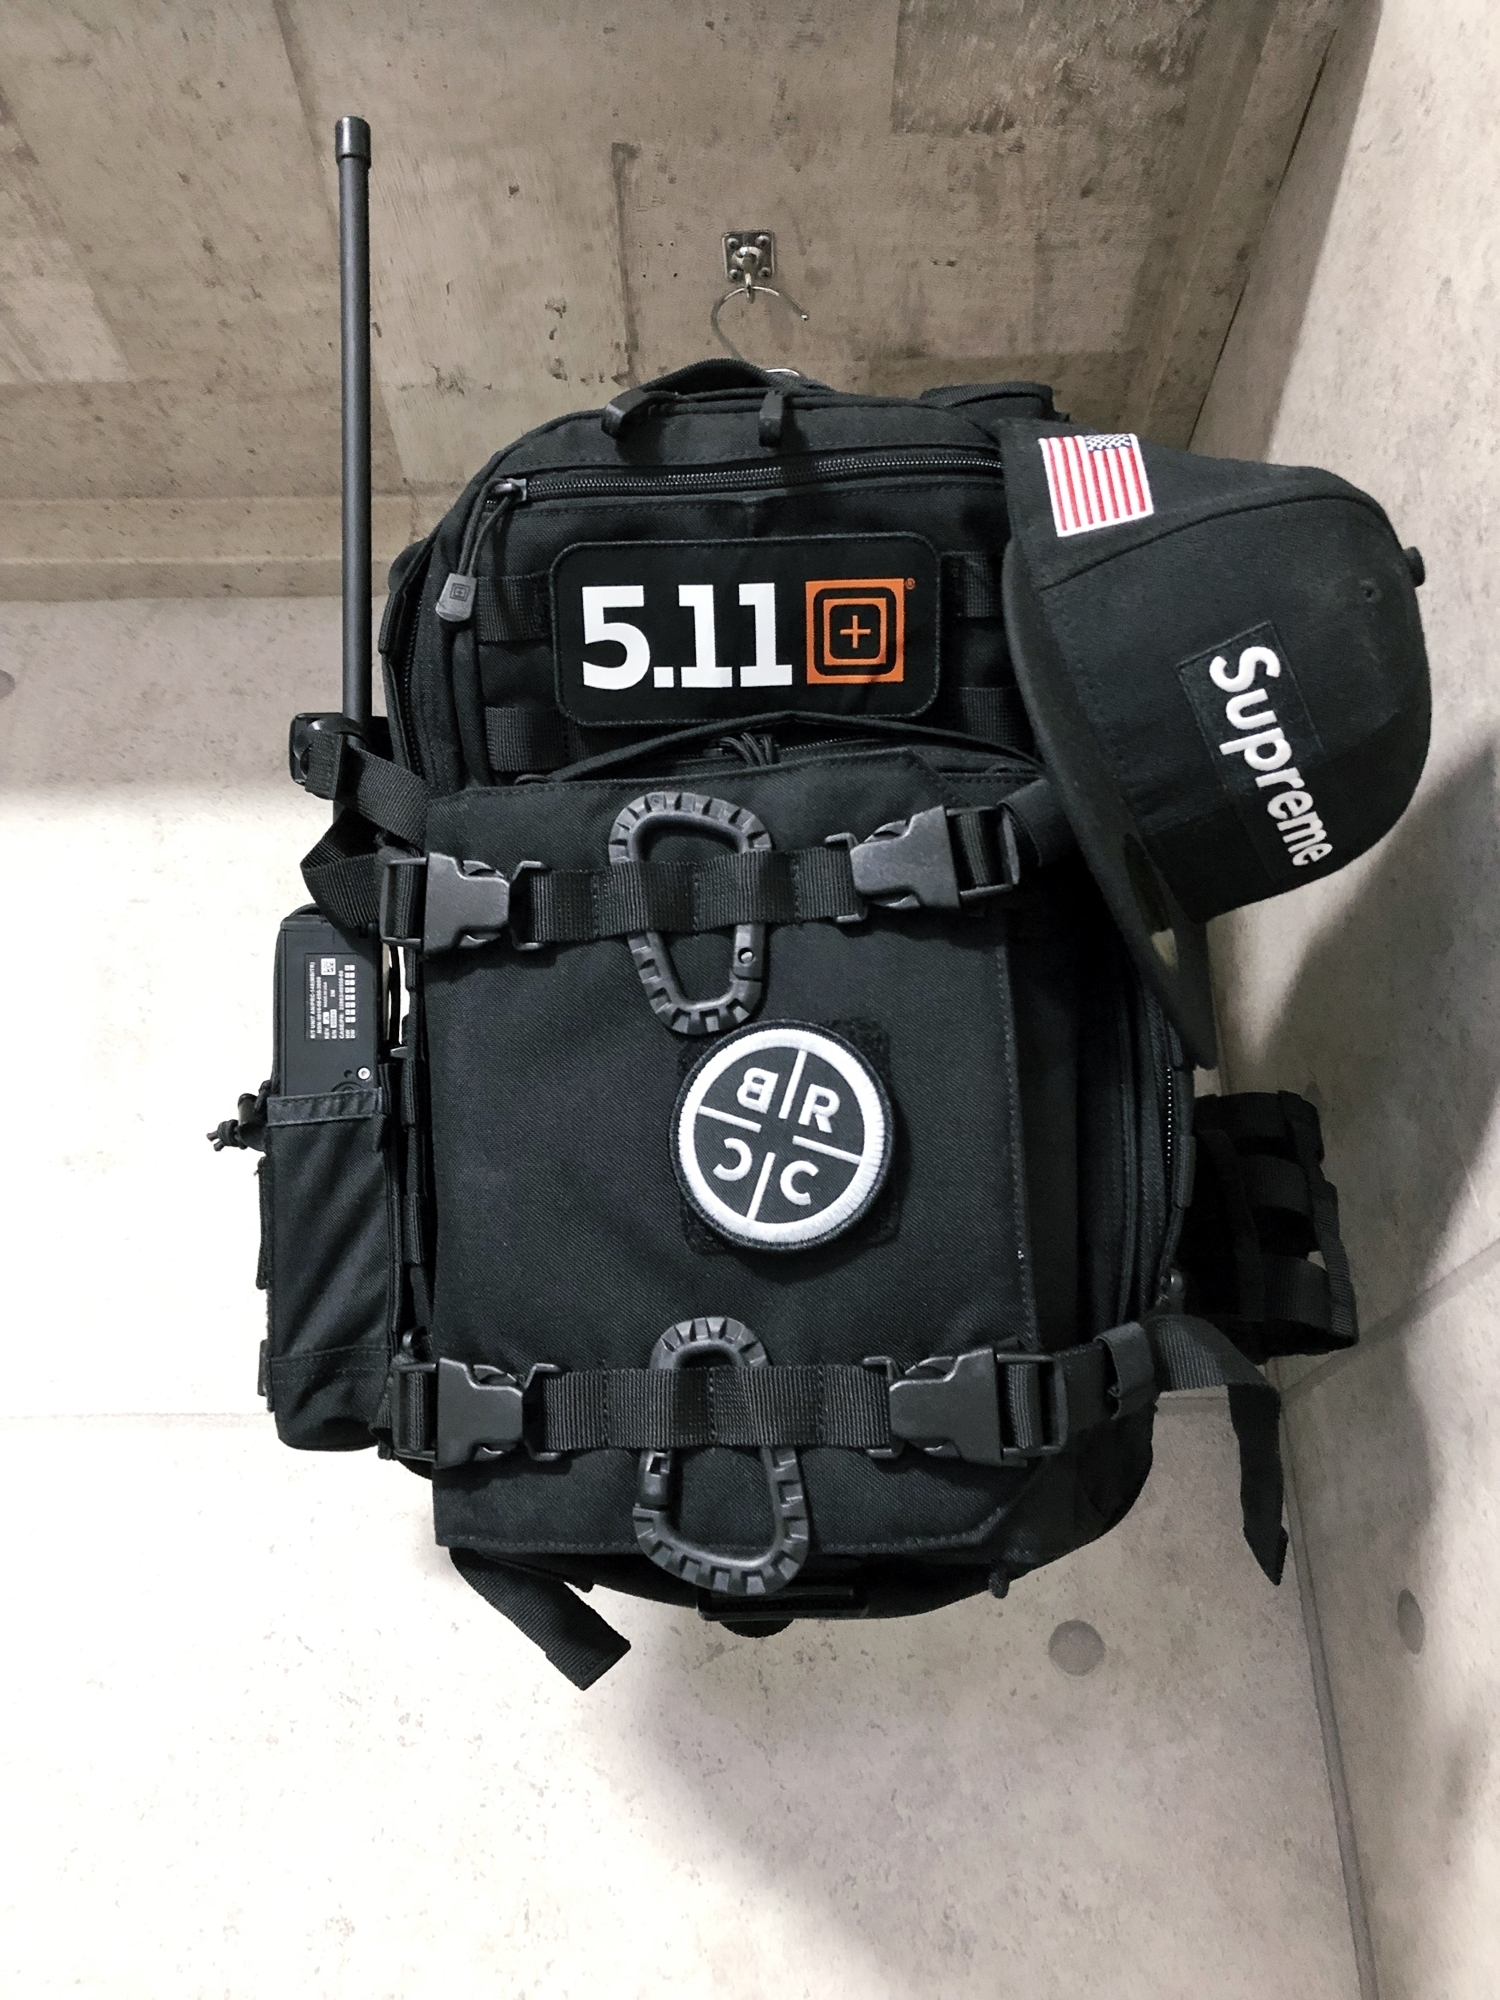 30 実物 511 Tactical RUSH 12 BACKPACK CUSTOM!! ライフルケース・ストラップシステム・ポーチ・ワッペン・ITW TAC LINKなど!! ファイブイレブン タクティカル ラッシュ バックパック カスタム!! 購入 取付 レビュ